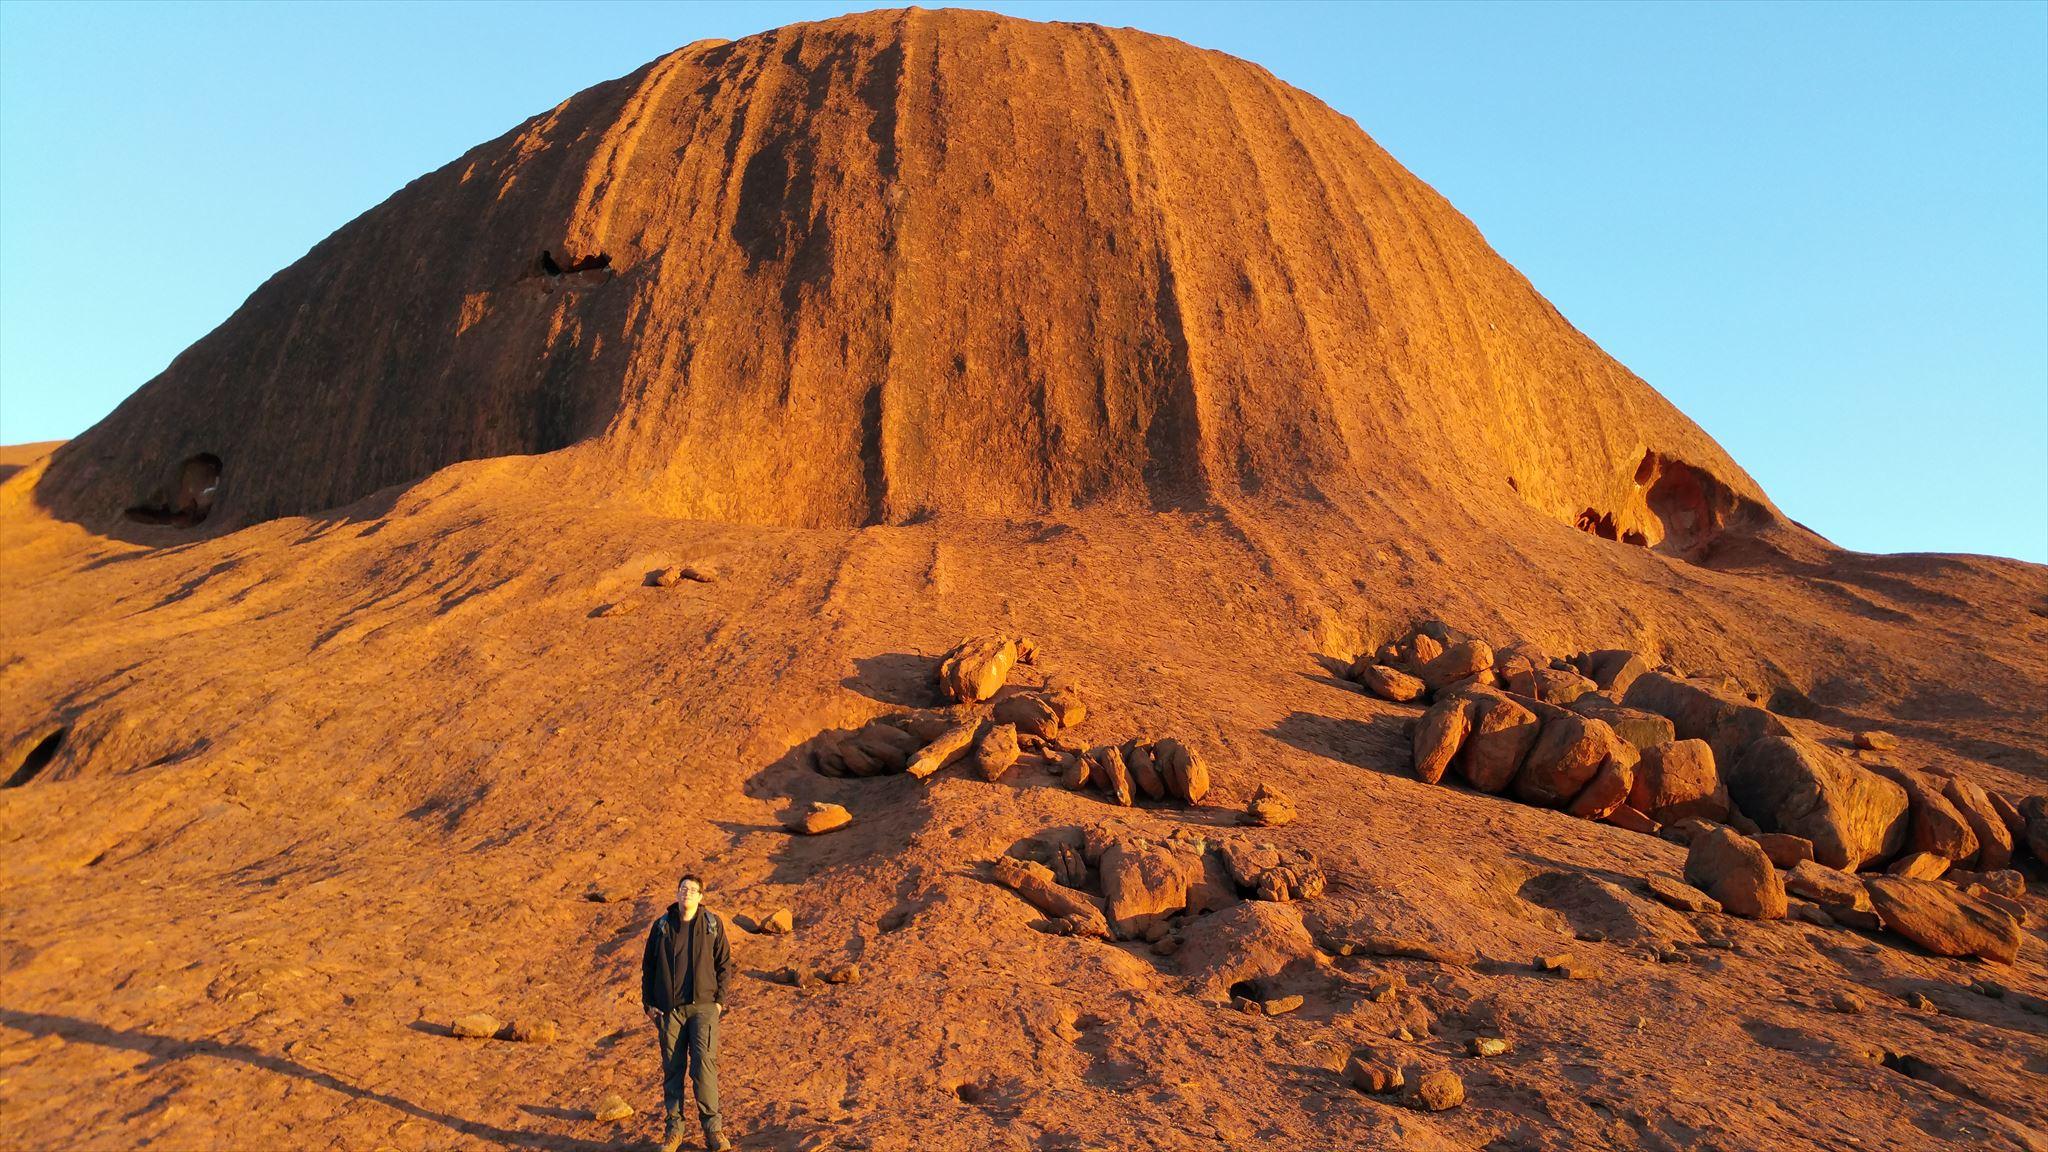 Mars or Uluru?